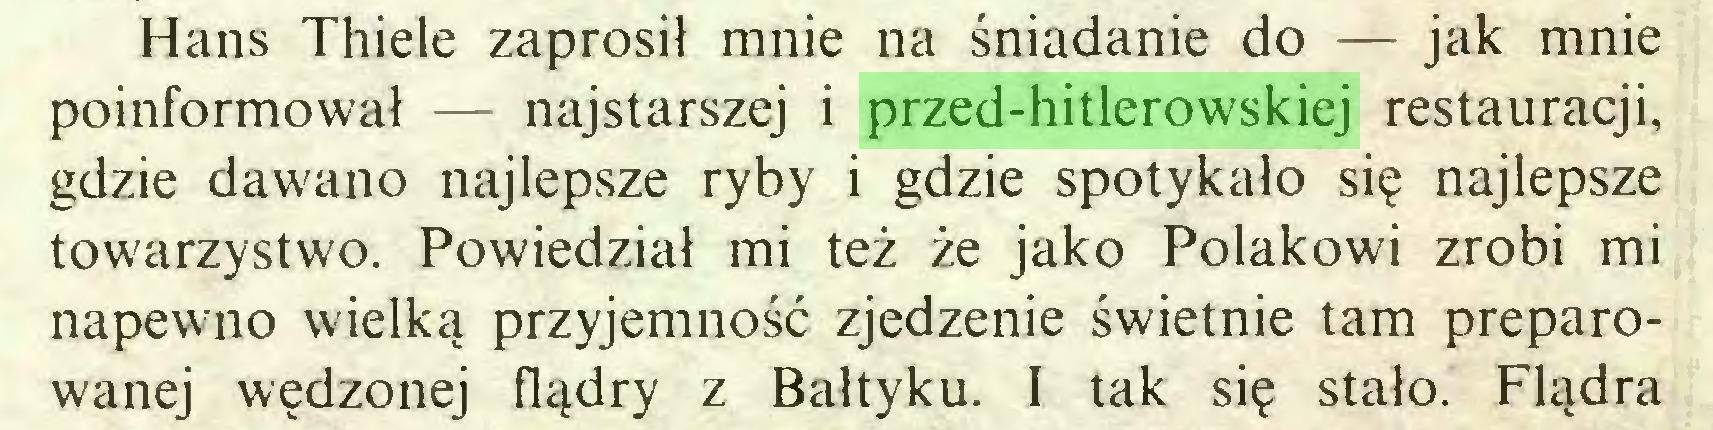 (...) Hans Thiele zaprosił mnie na śniadanie do — jak mnie poinformował — najstarszej i przed-hitlerowskiej restauracji, gdzie dawano najlepsze ryby i gdzie spotykało się najlepsze towarzystwo. Powiedział mi też że jako Polakowi zrobi mi napewno wielką przyjemność zjedzenie świetnie tam preparowanej wędzonej flądry z Bałtyku. I tak się stało. Fladra...